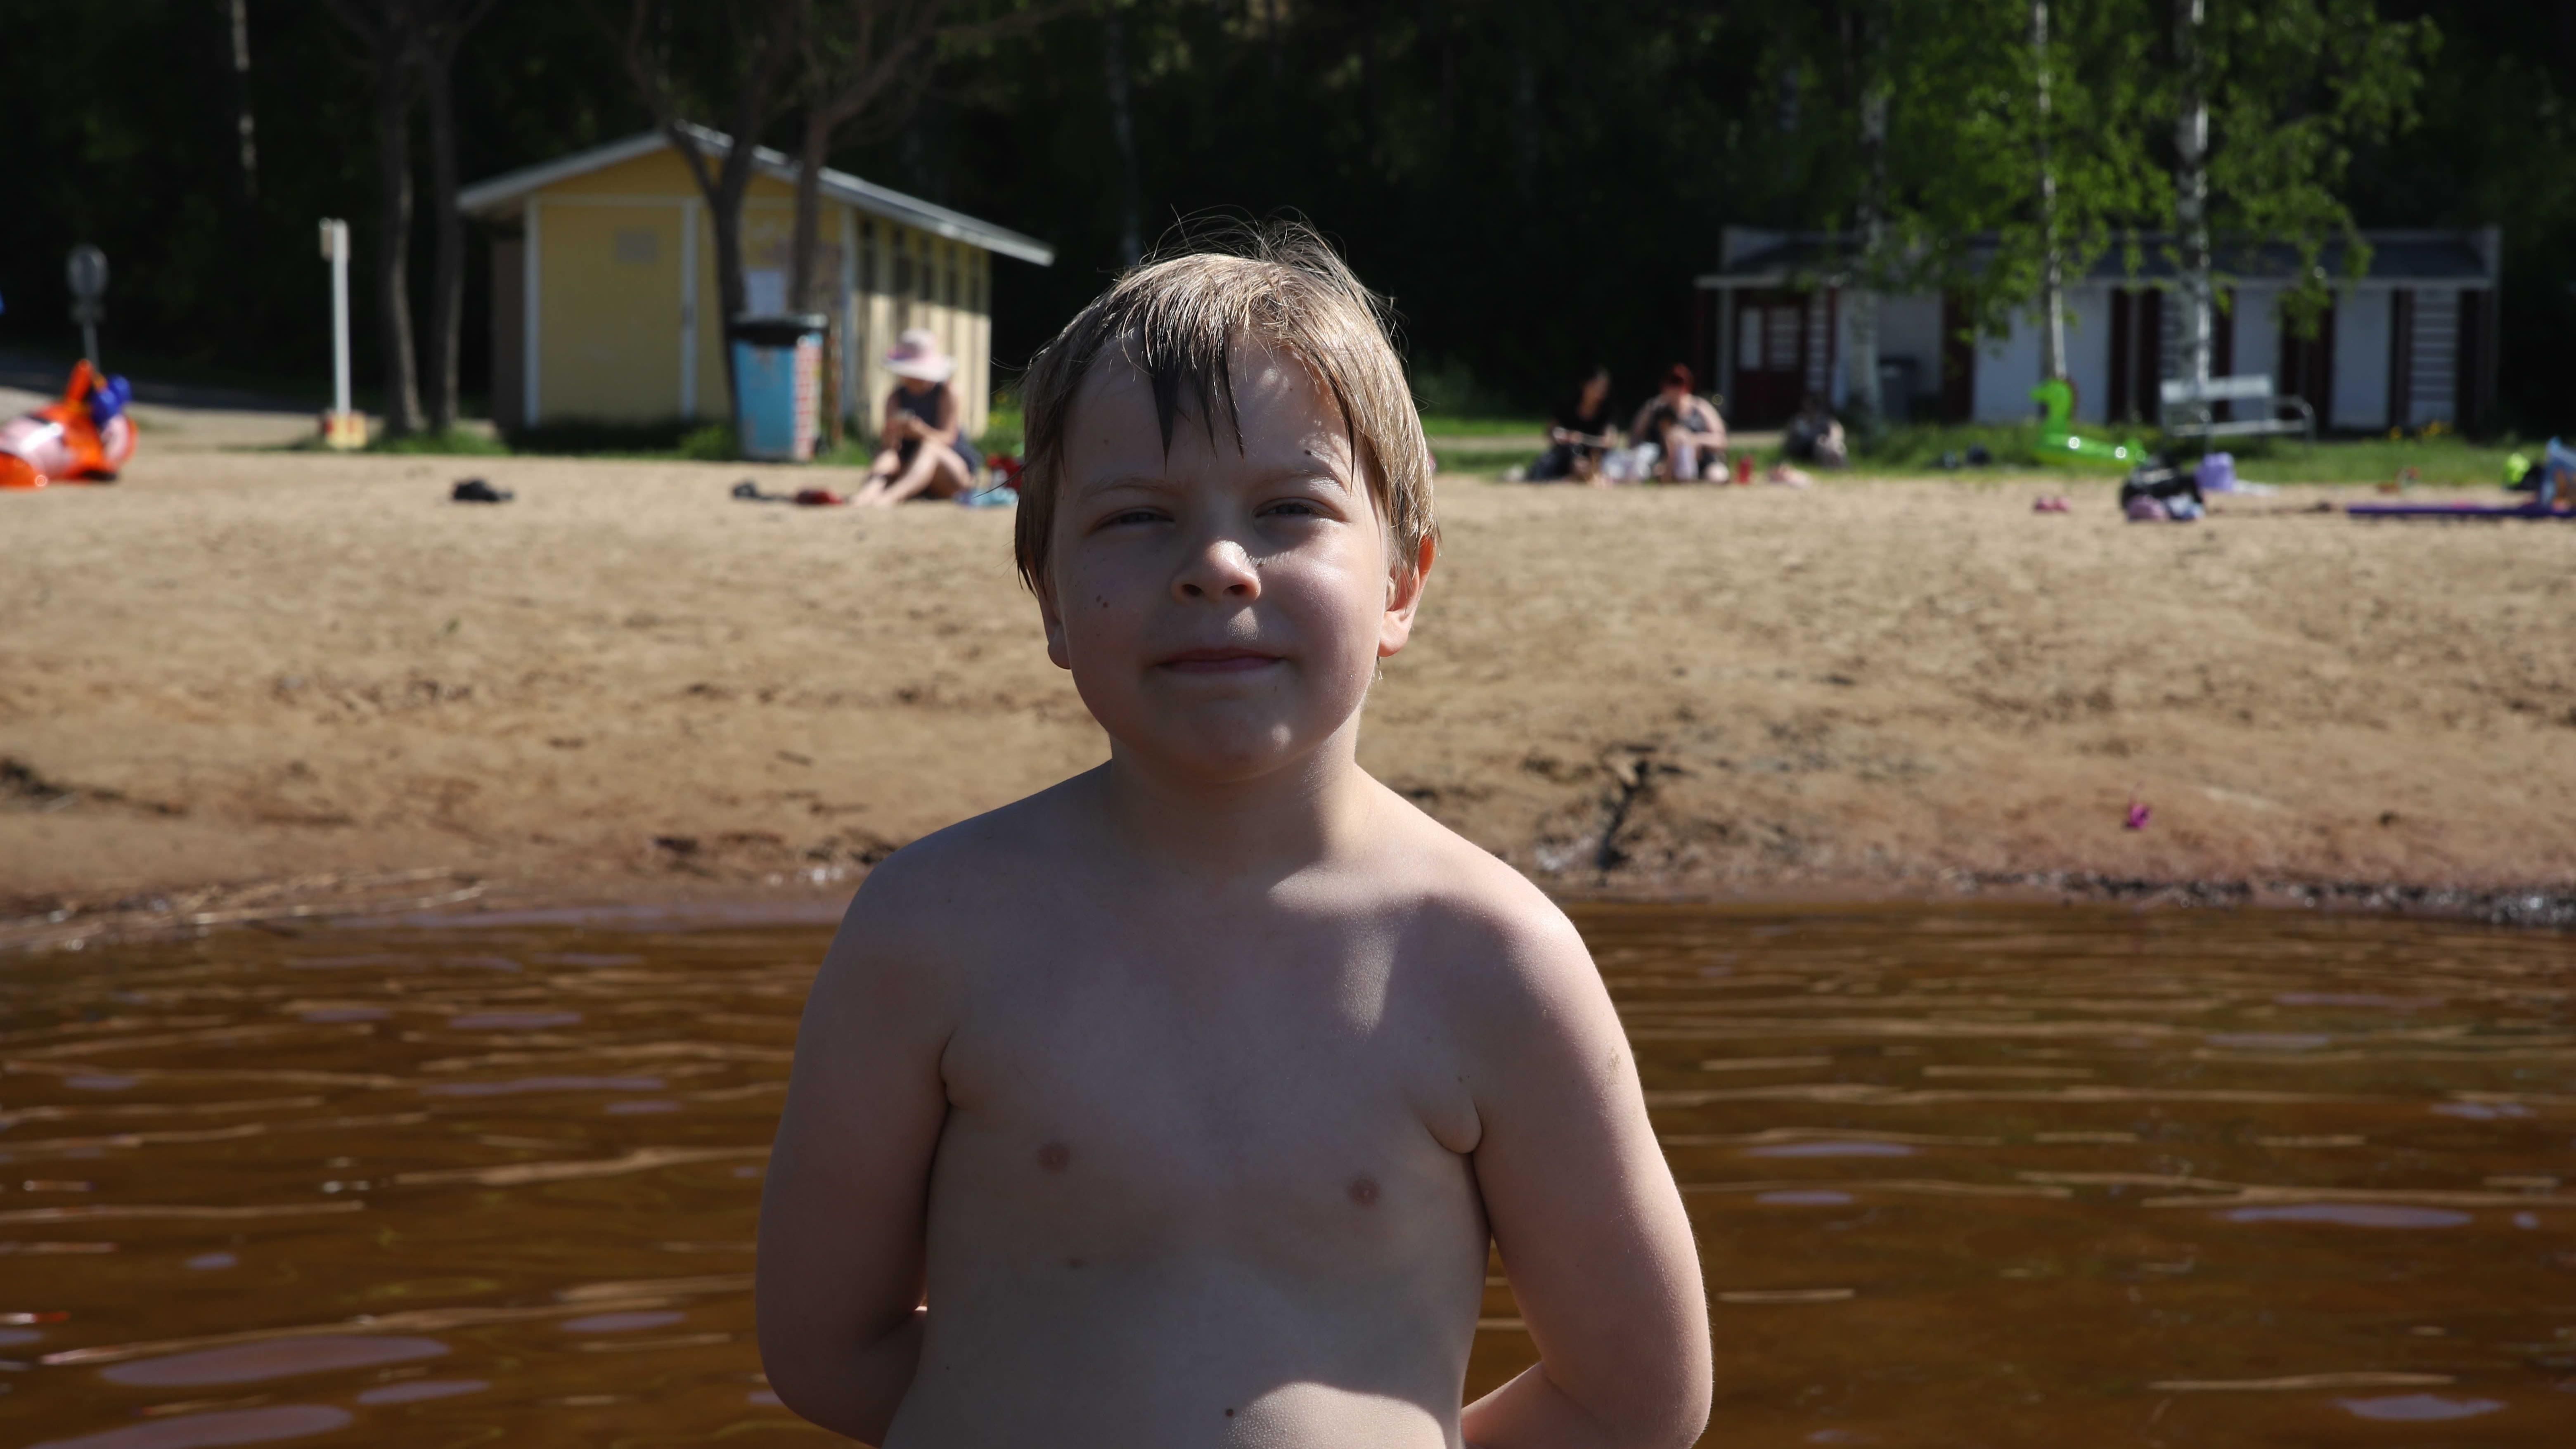 Kajaanilainen Ohto Sorvari Paltaniemen uimarannalla.